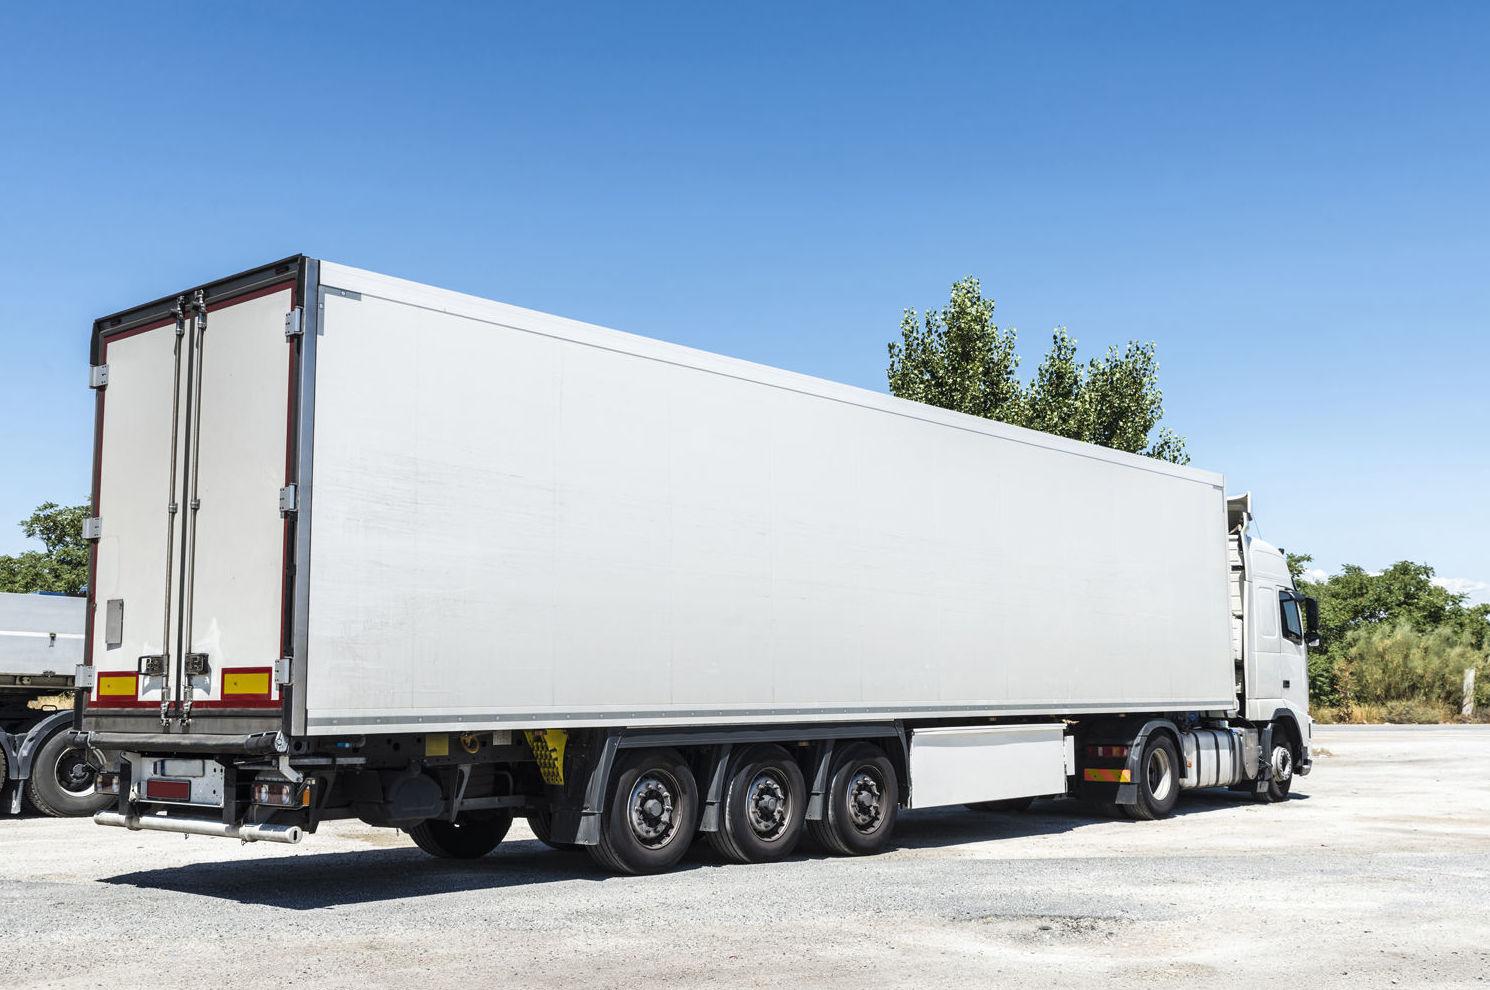 Transporte frigorífico nacional e internacional con control de temperatura